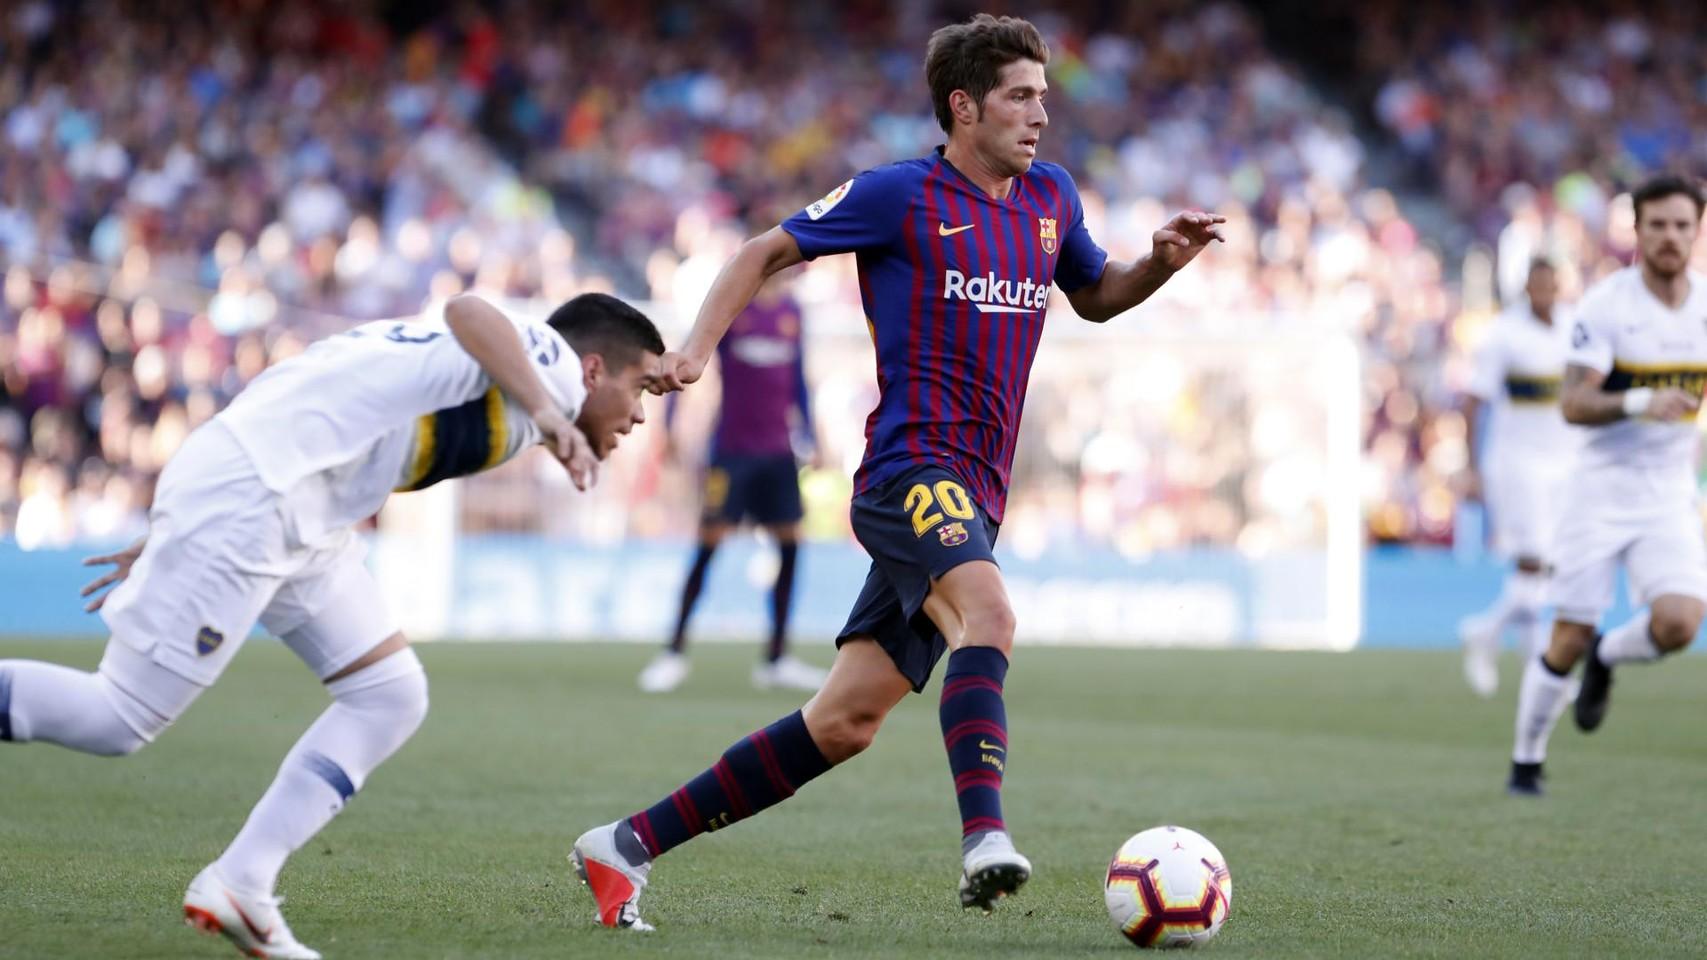 صور مباراة : برشلونة - بوكا جونيورز ( 16-08-2018 )  95974488